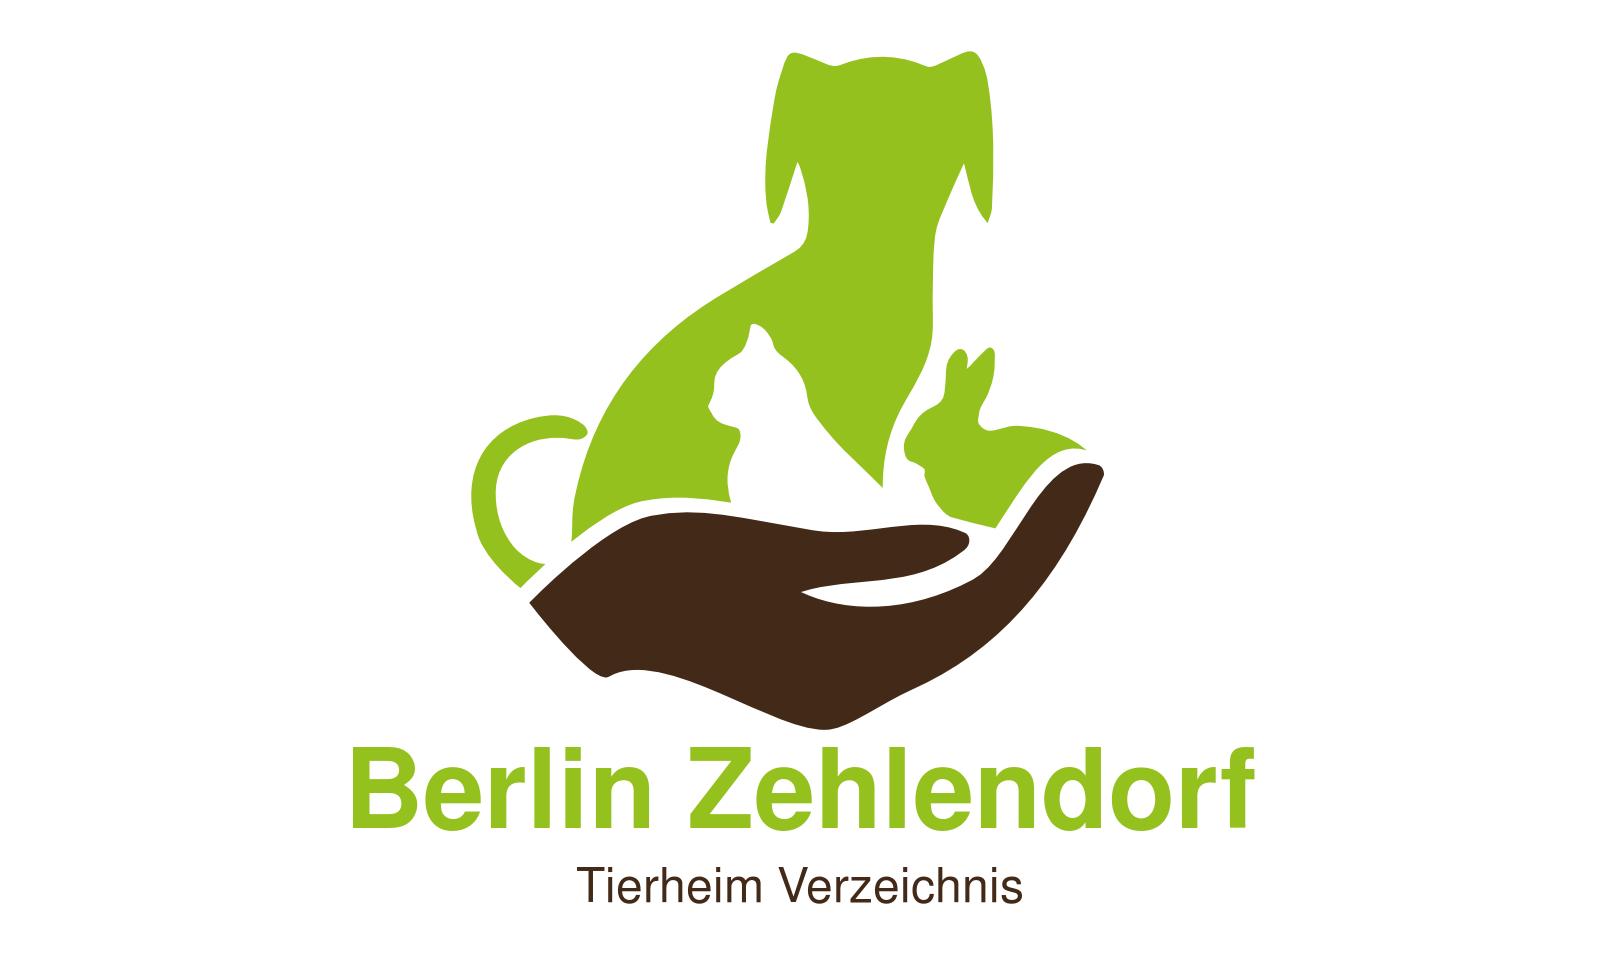 Tierheim Berlin Zehlendorf